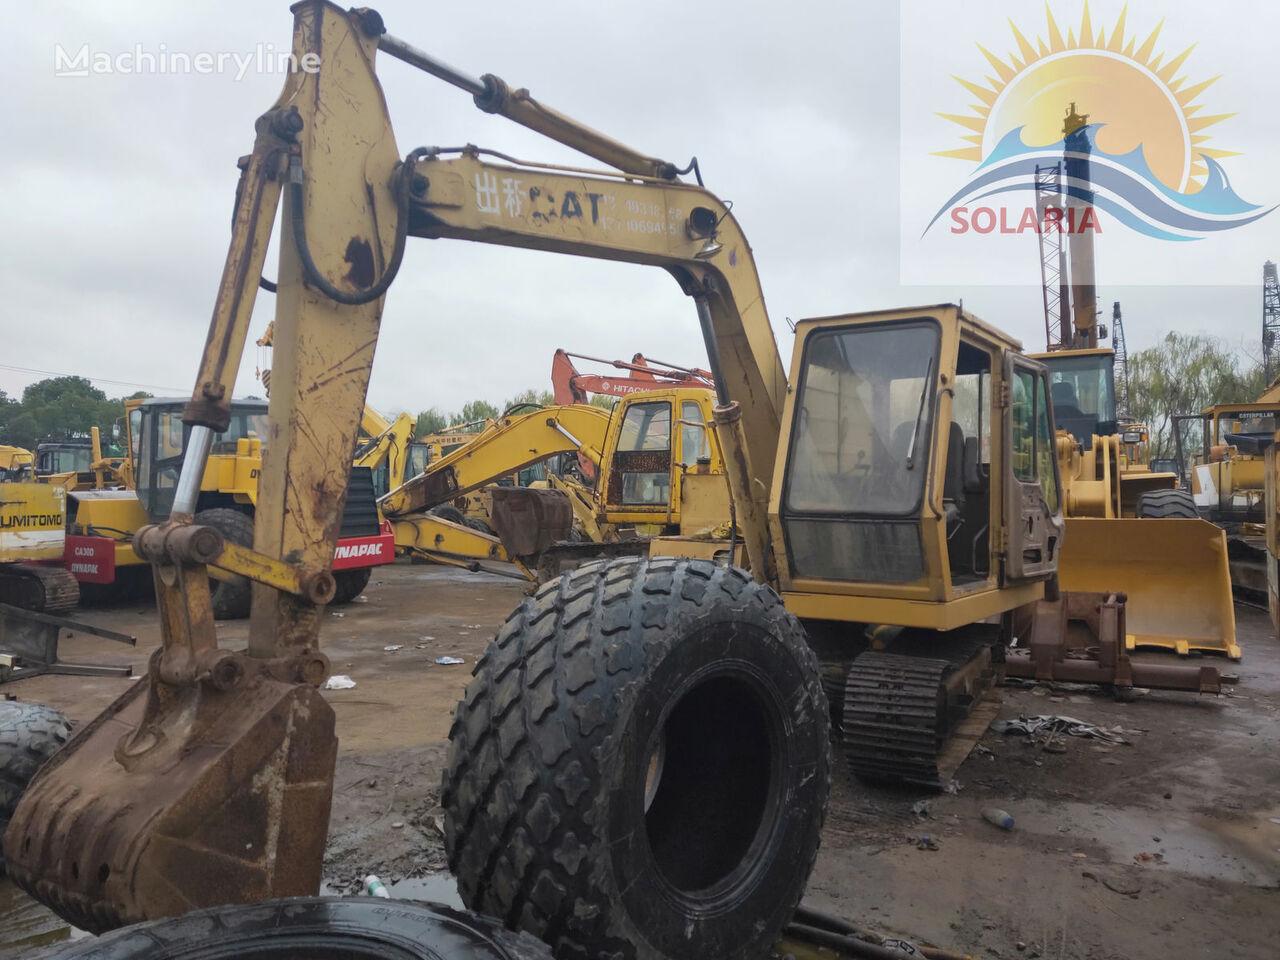 CATERPILLAR E70B excavadora de orugas